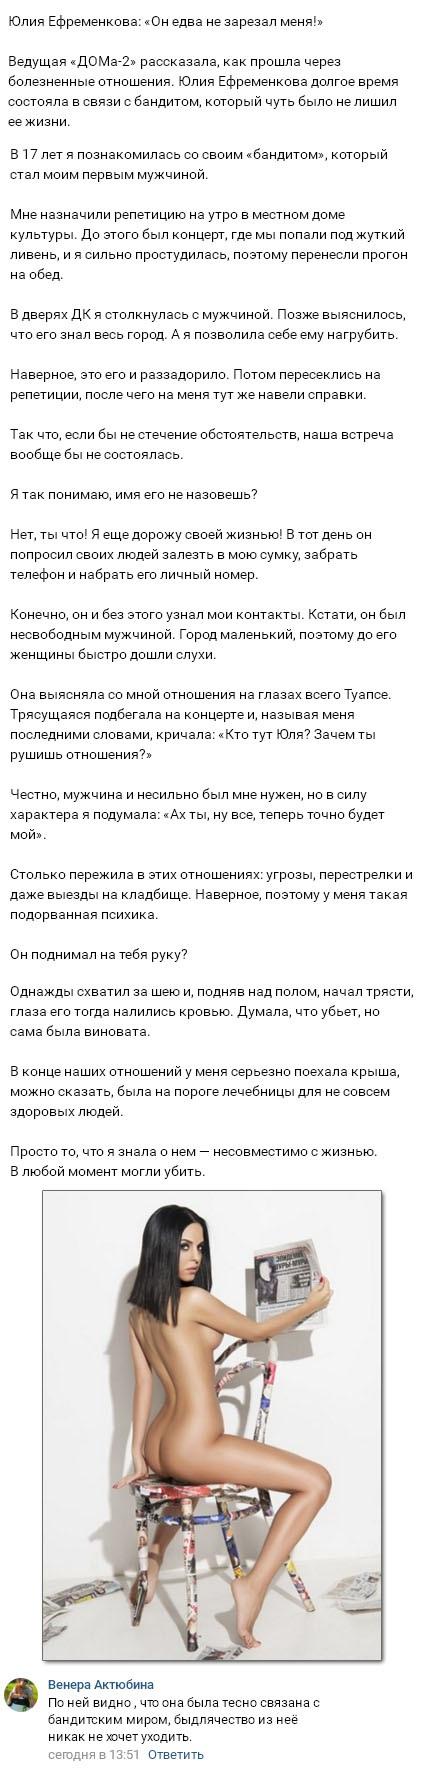 Юлия Ефременкова рассказала об ужасных прошлых отношениях